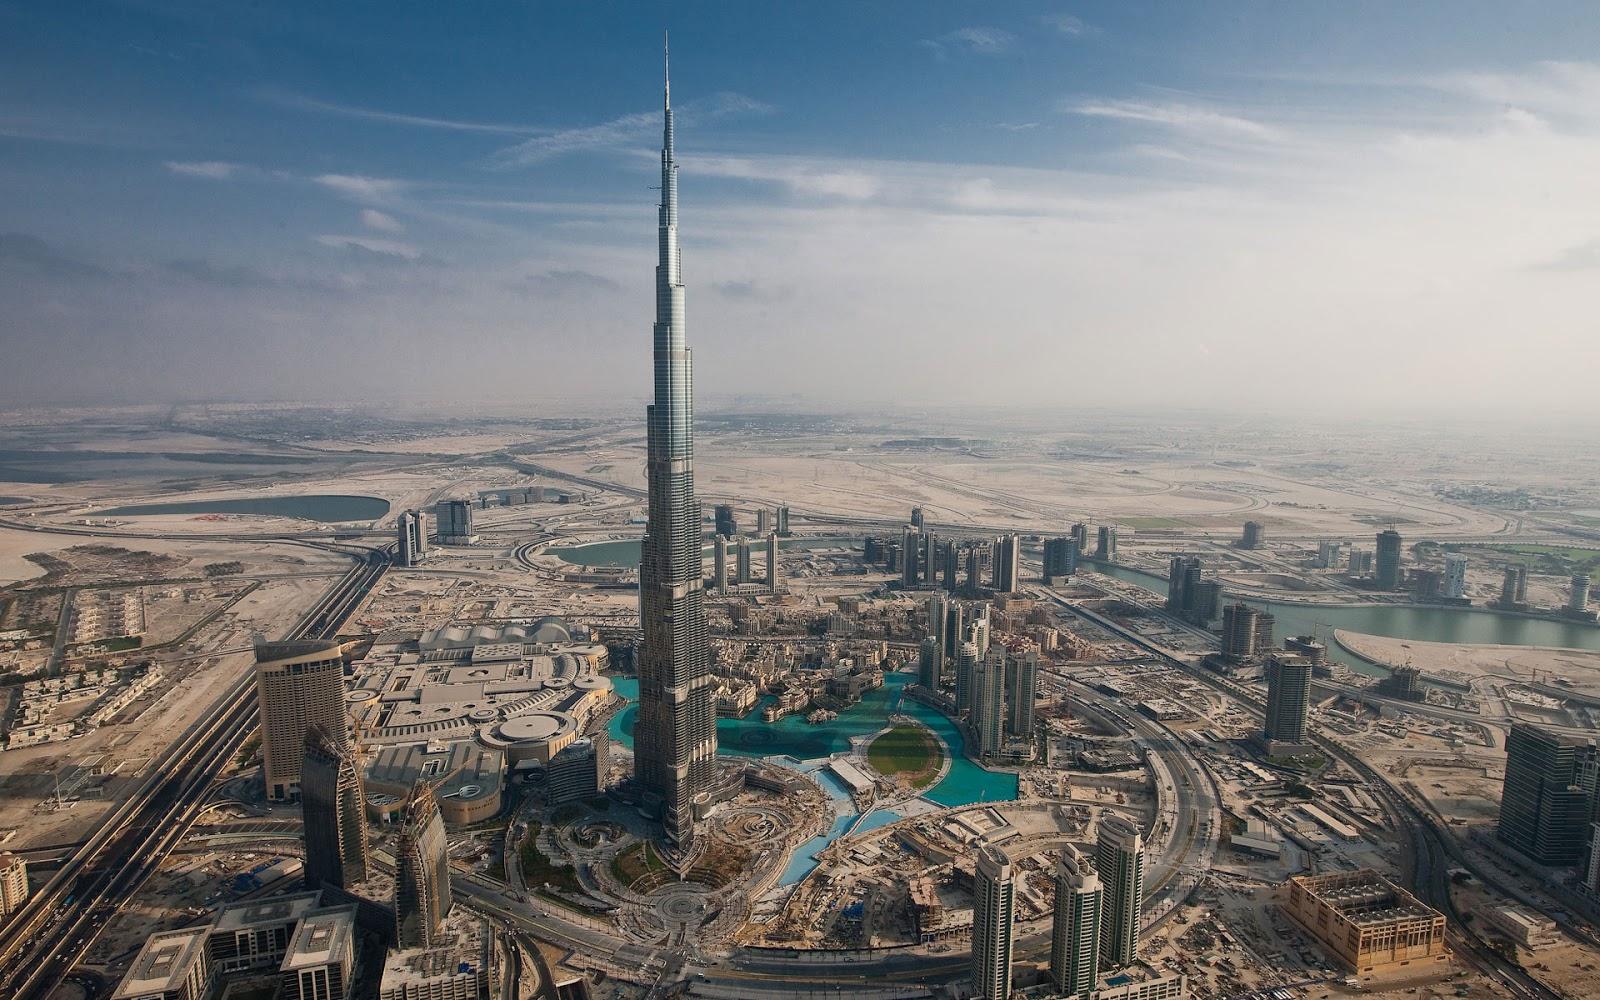 Aerial view of Dubai Palm Jumeirah Island